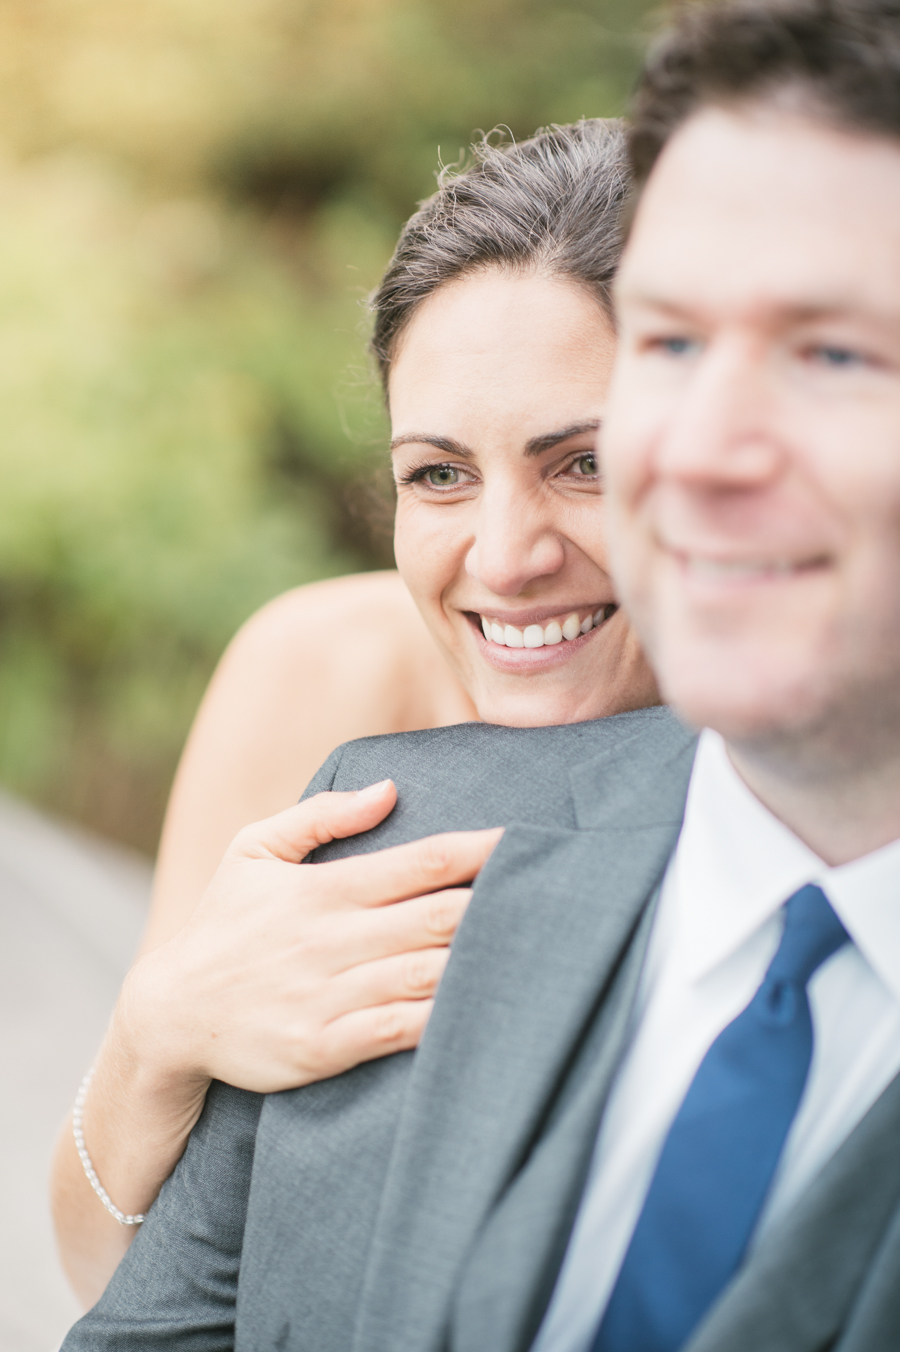 Ellie & Josh were married in Canada